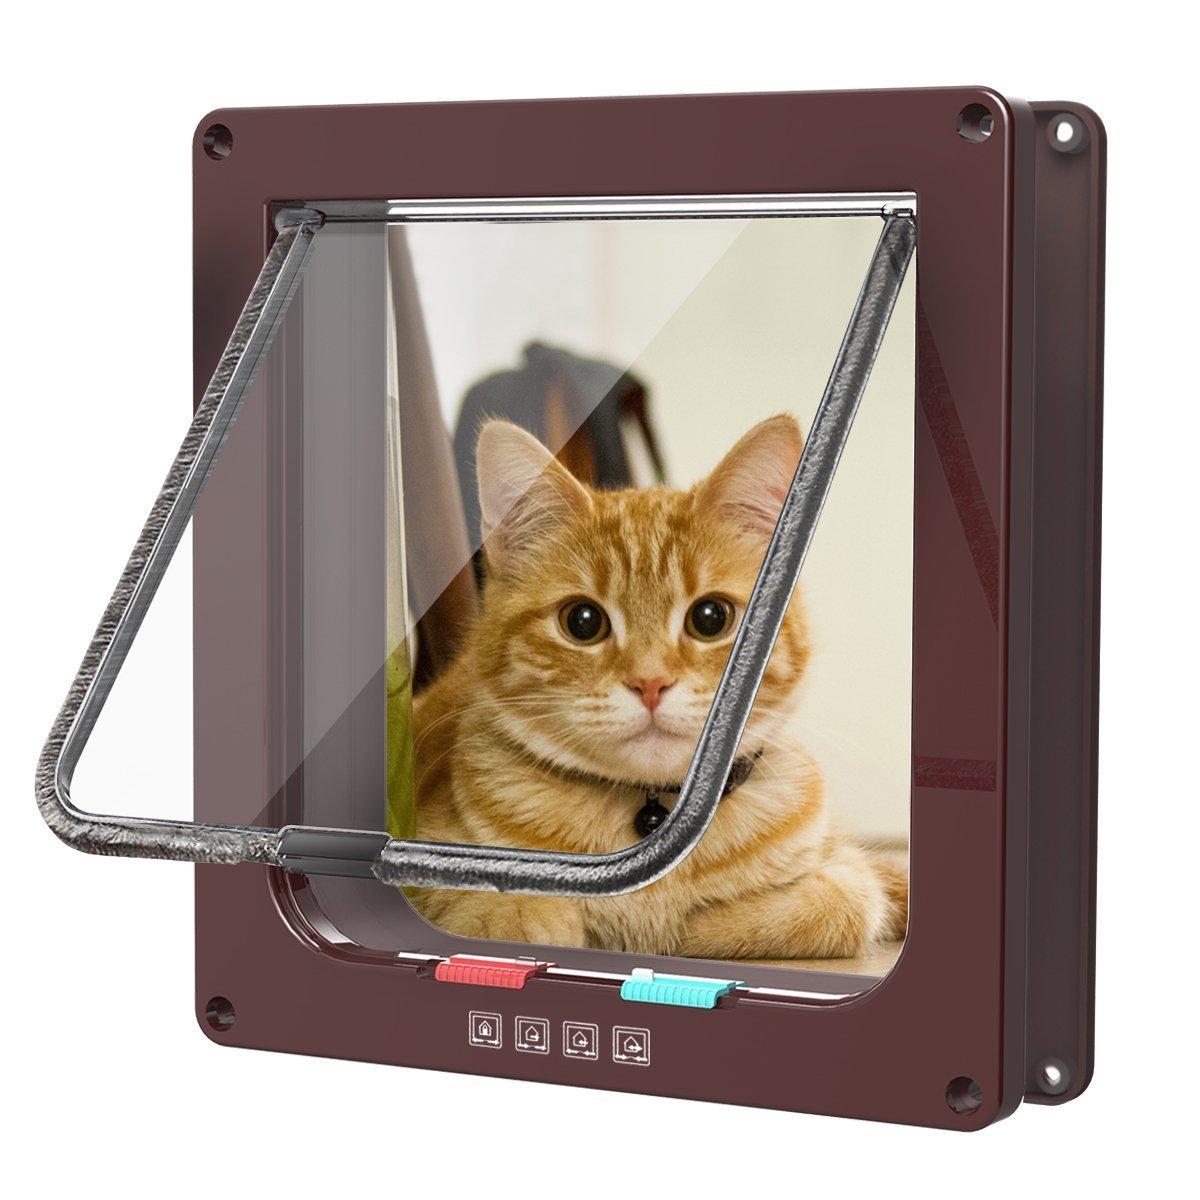 Sailnovo Katzenklappe Hundeklappe 4 Wege Magnet-Verschluss für Katzen, große hunde 23.5*25*5.4cm Hundetür Katzentür Haustierklappe, Installieren Leicht mit Teleskoprahmen L braun